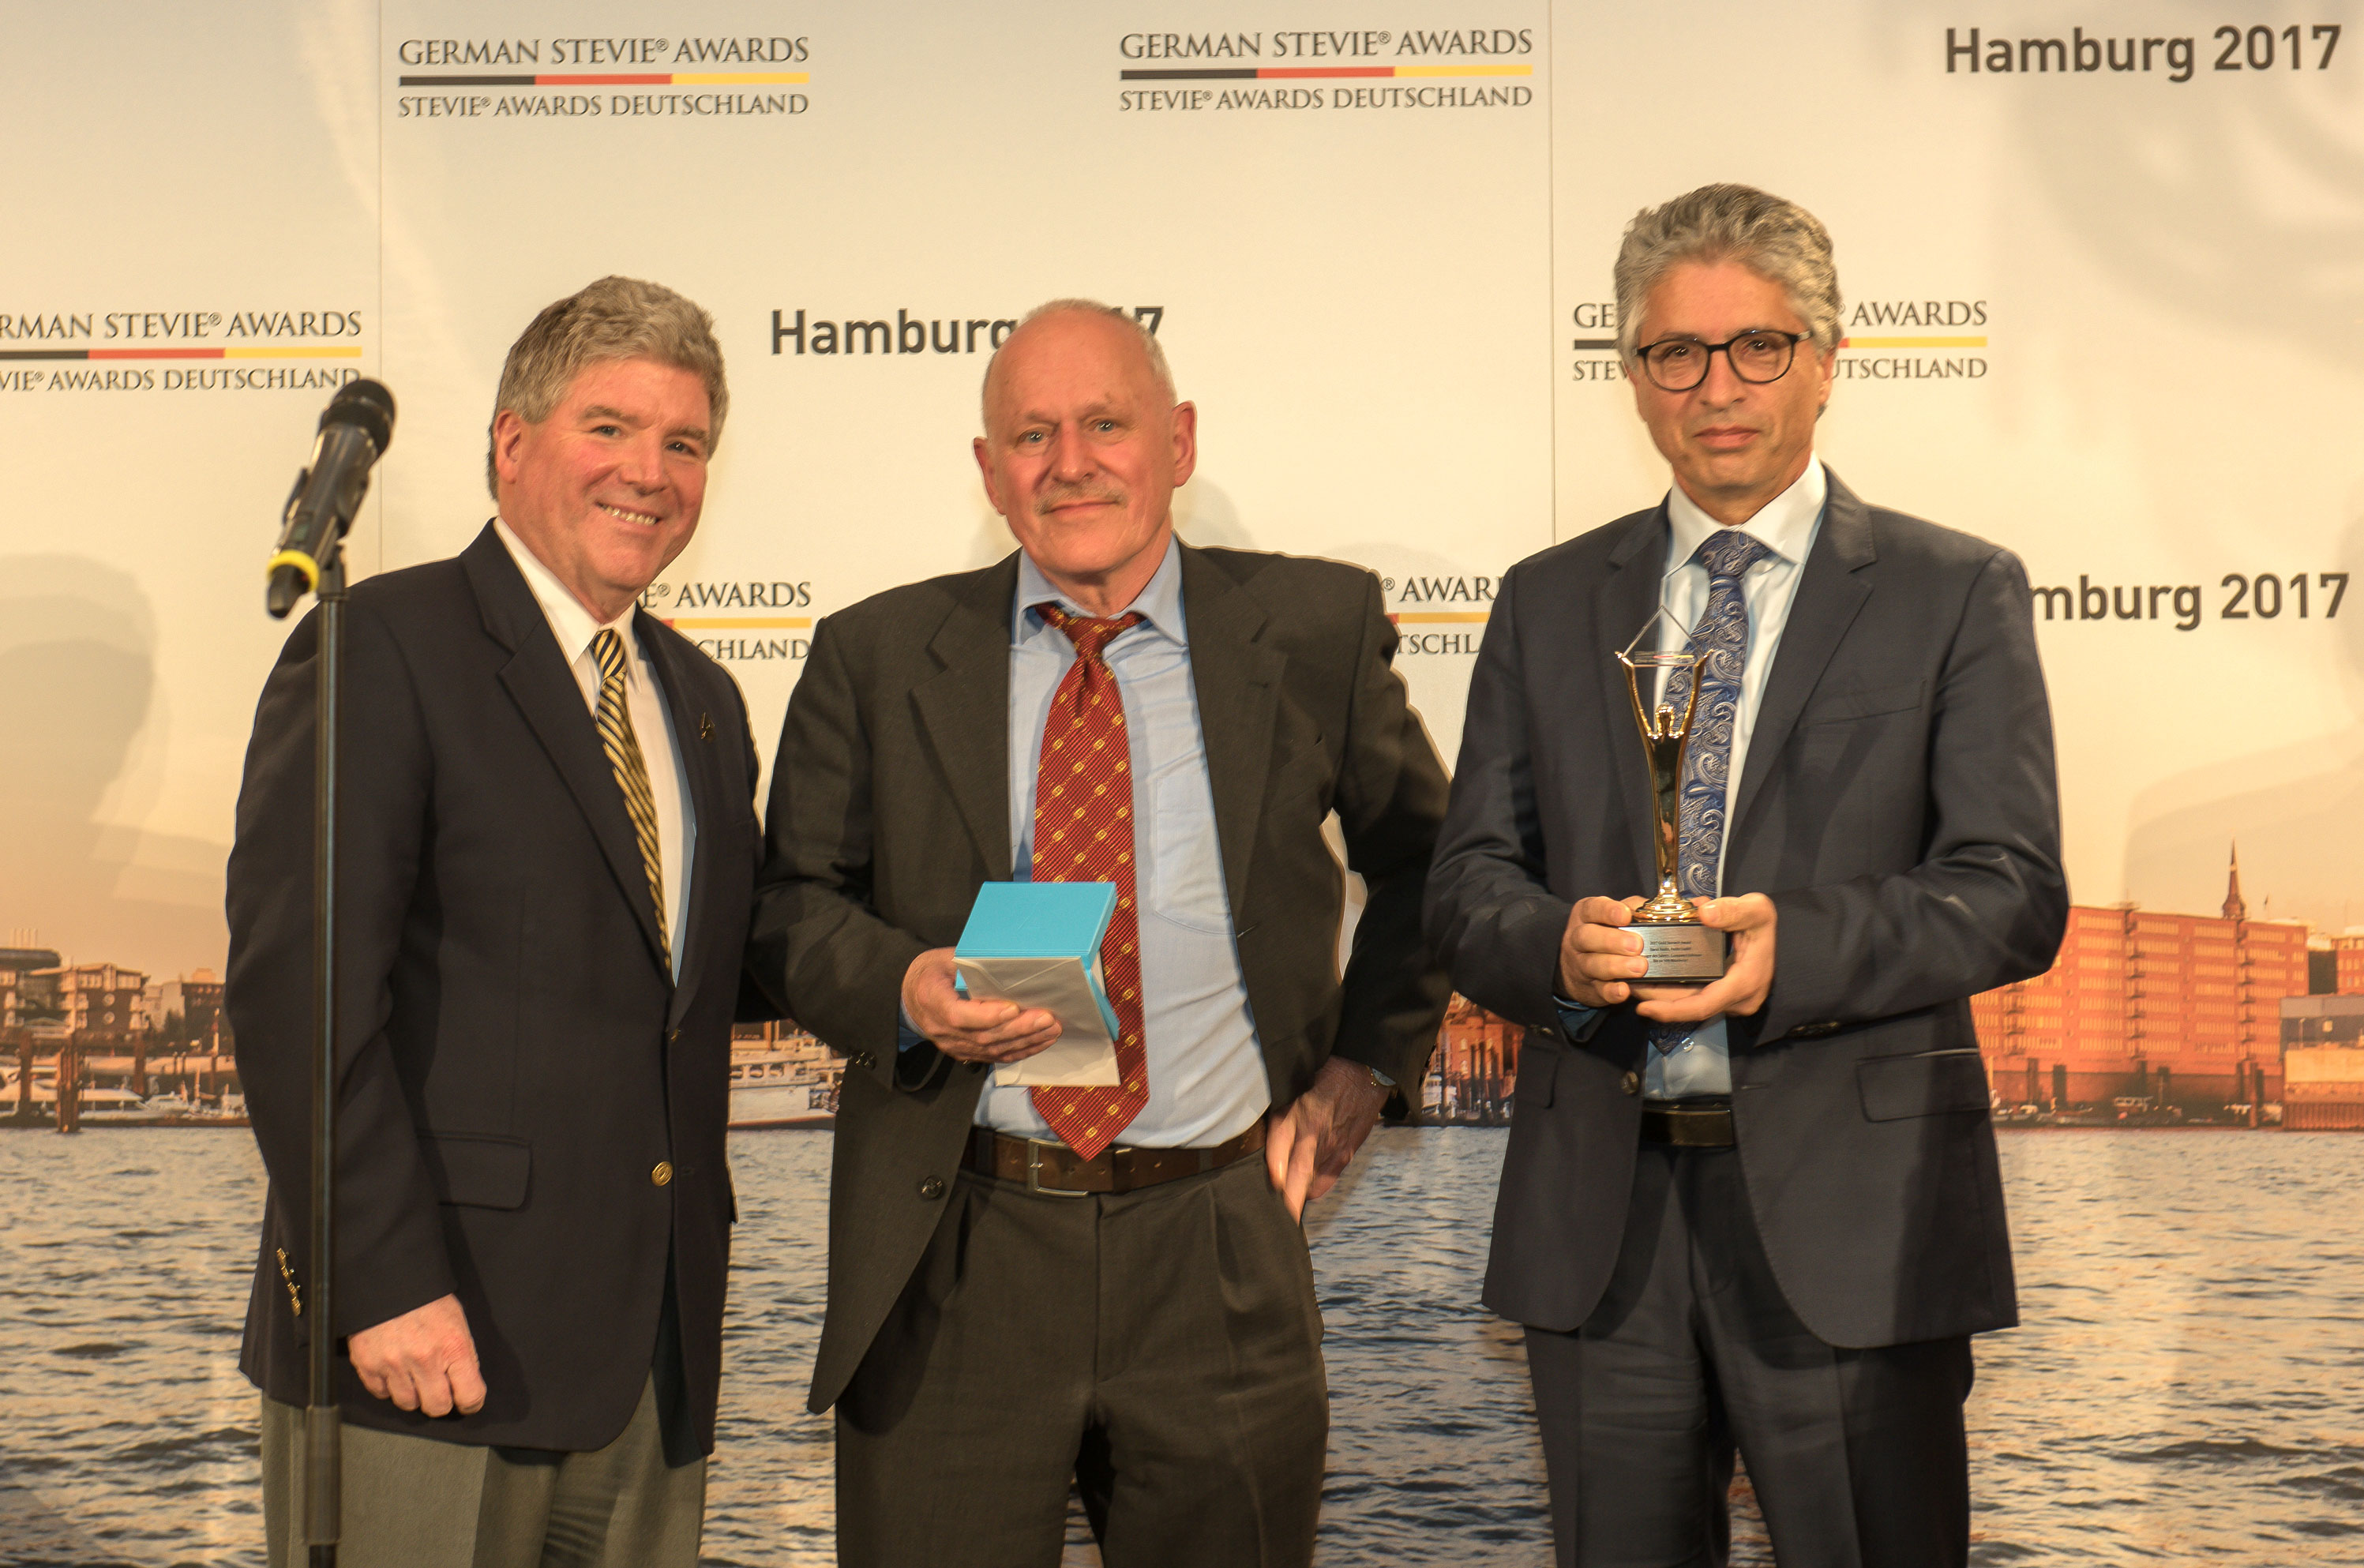 Saeid Fasihi at the Awards Ceremony in Hamburg